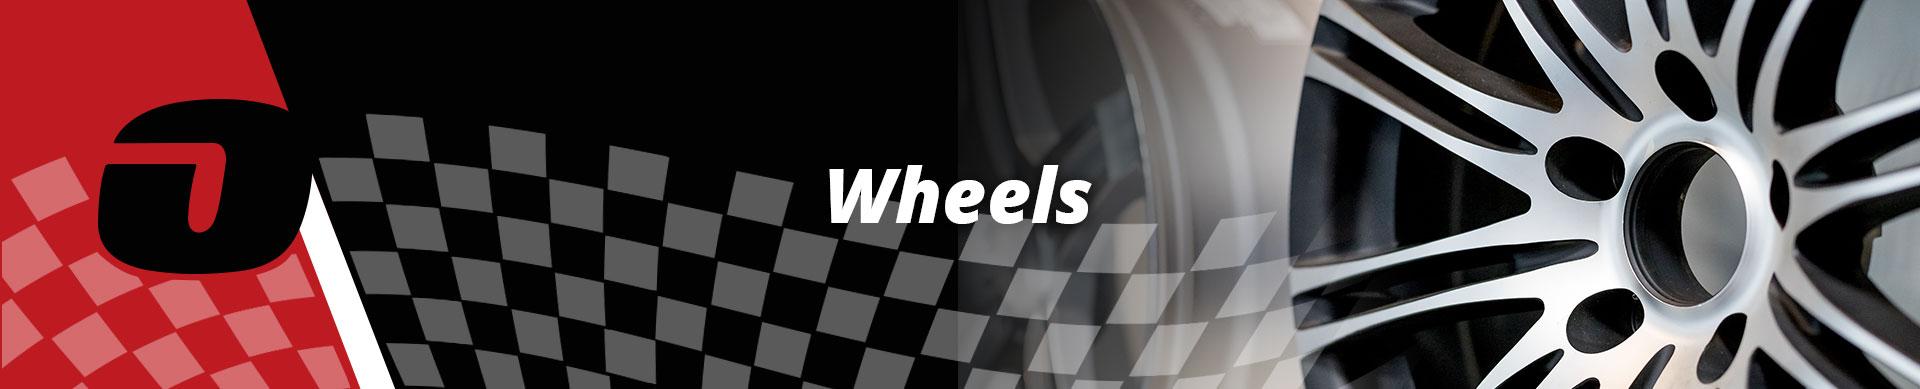 wheels-rims-cloverdale-surrey